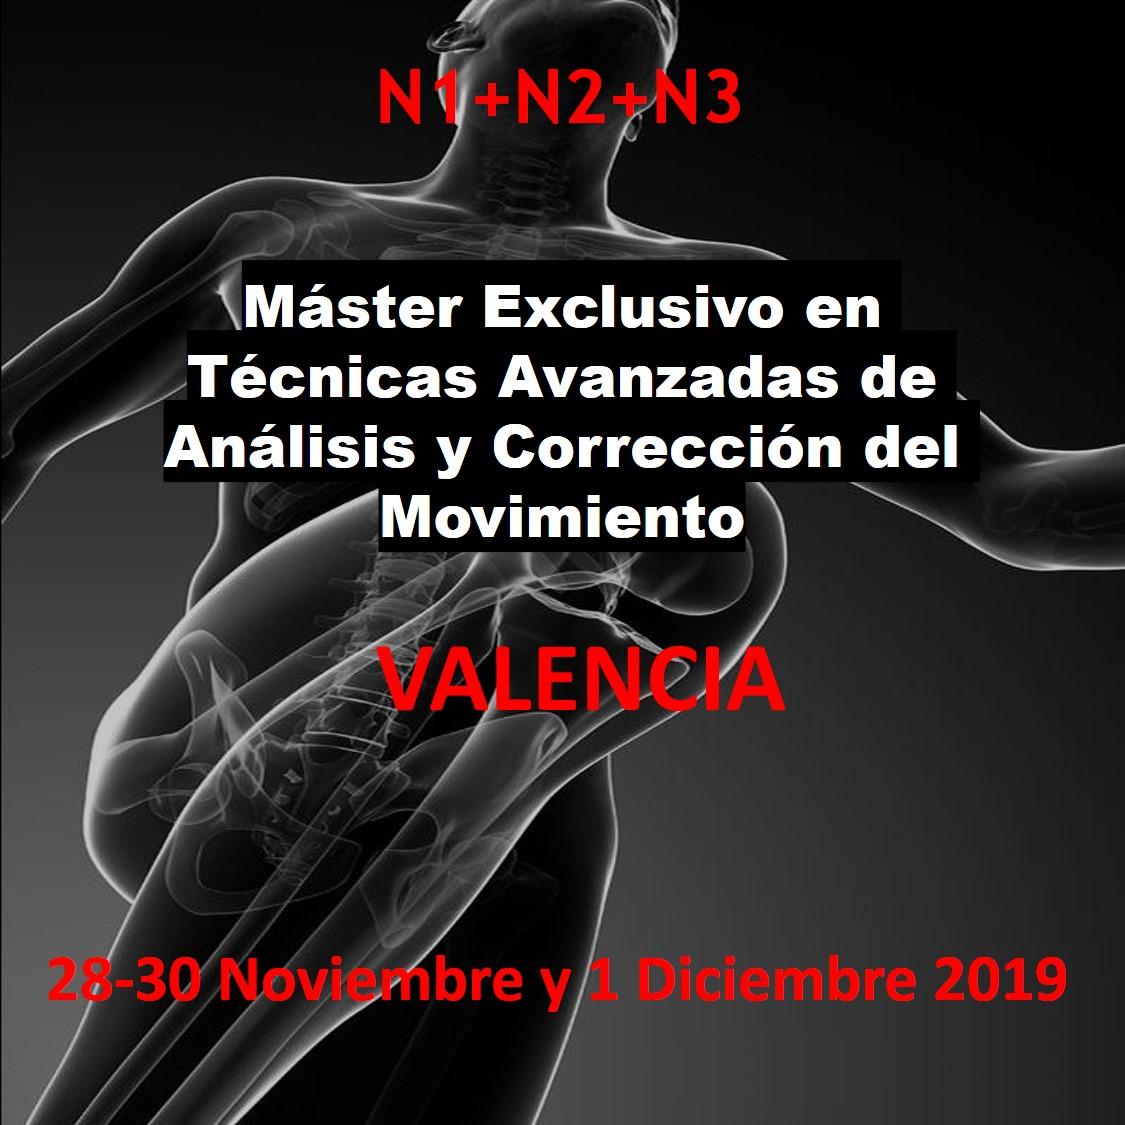 Valencia n1n2n3 2019